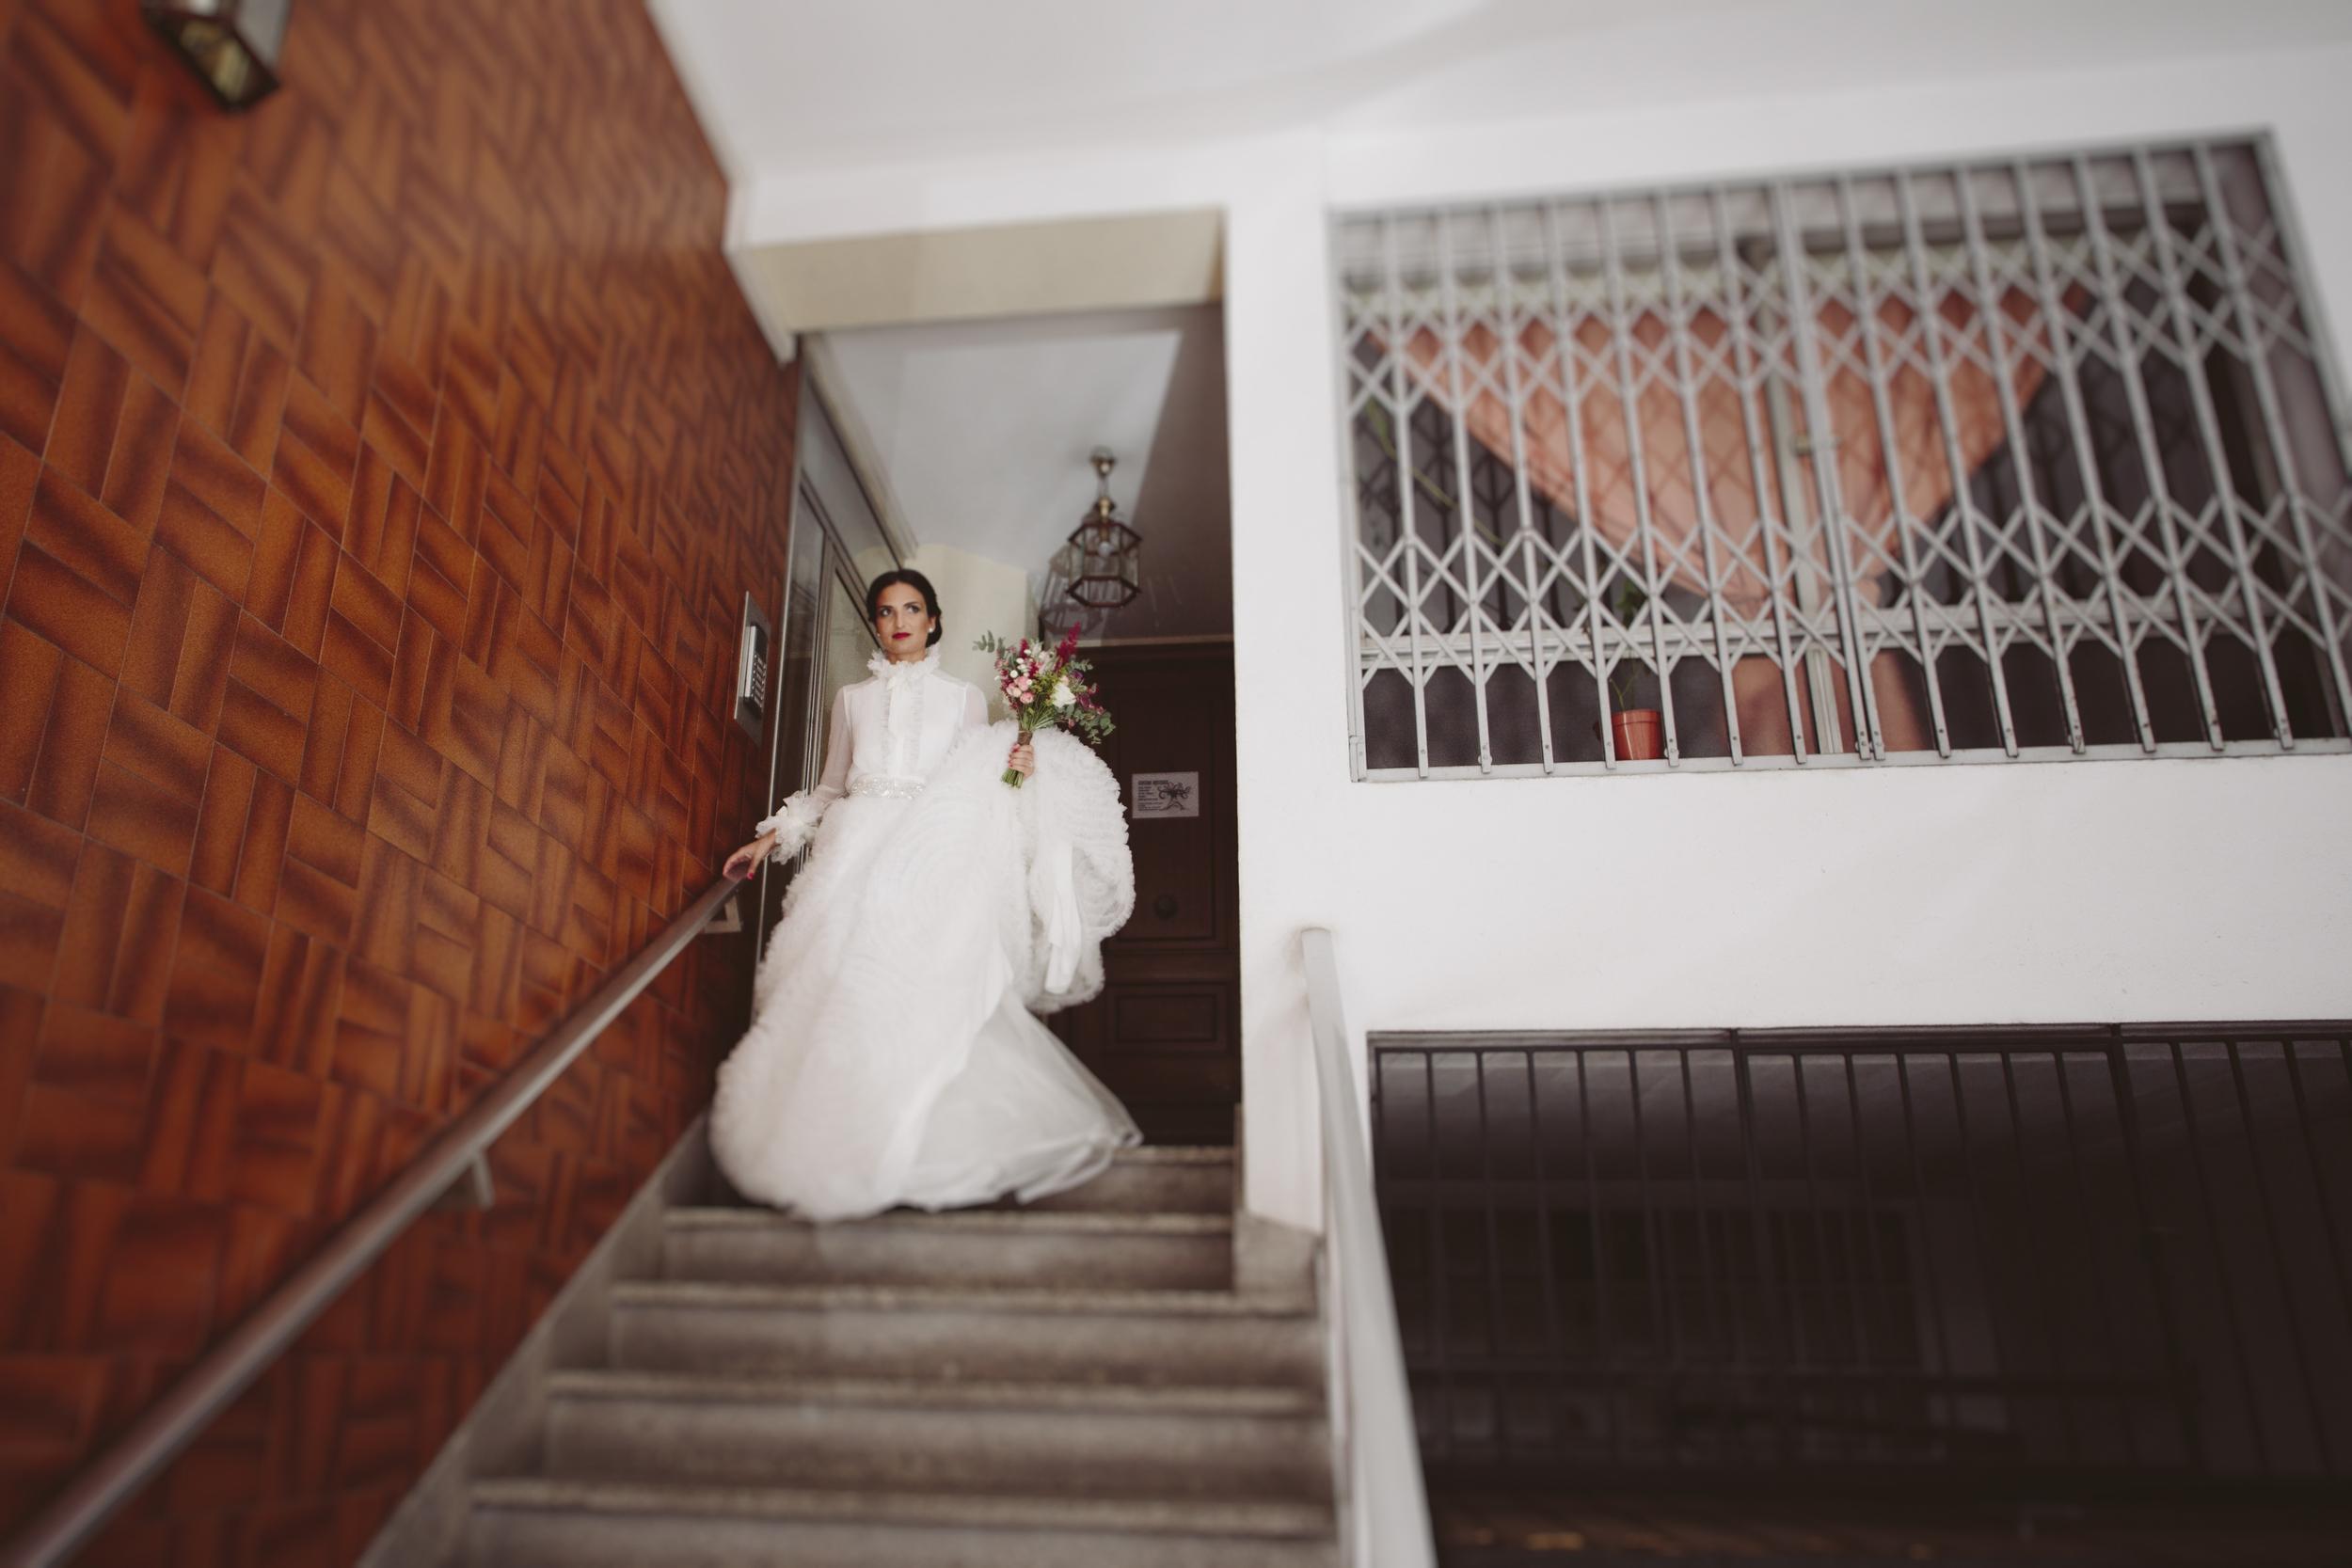 Fotografo bodas Pontevedra Graciela Vilagudin 593.jpg